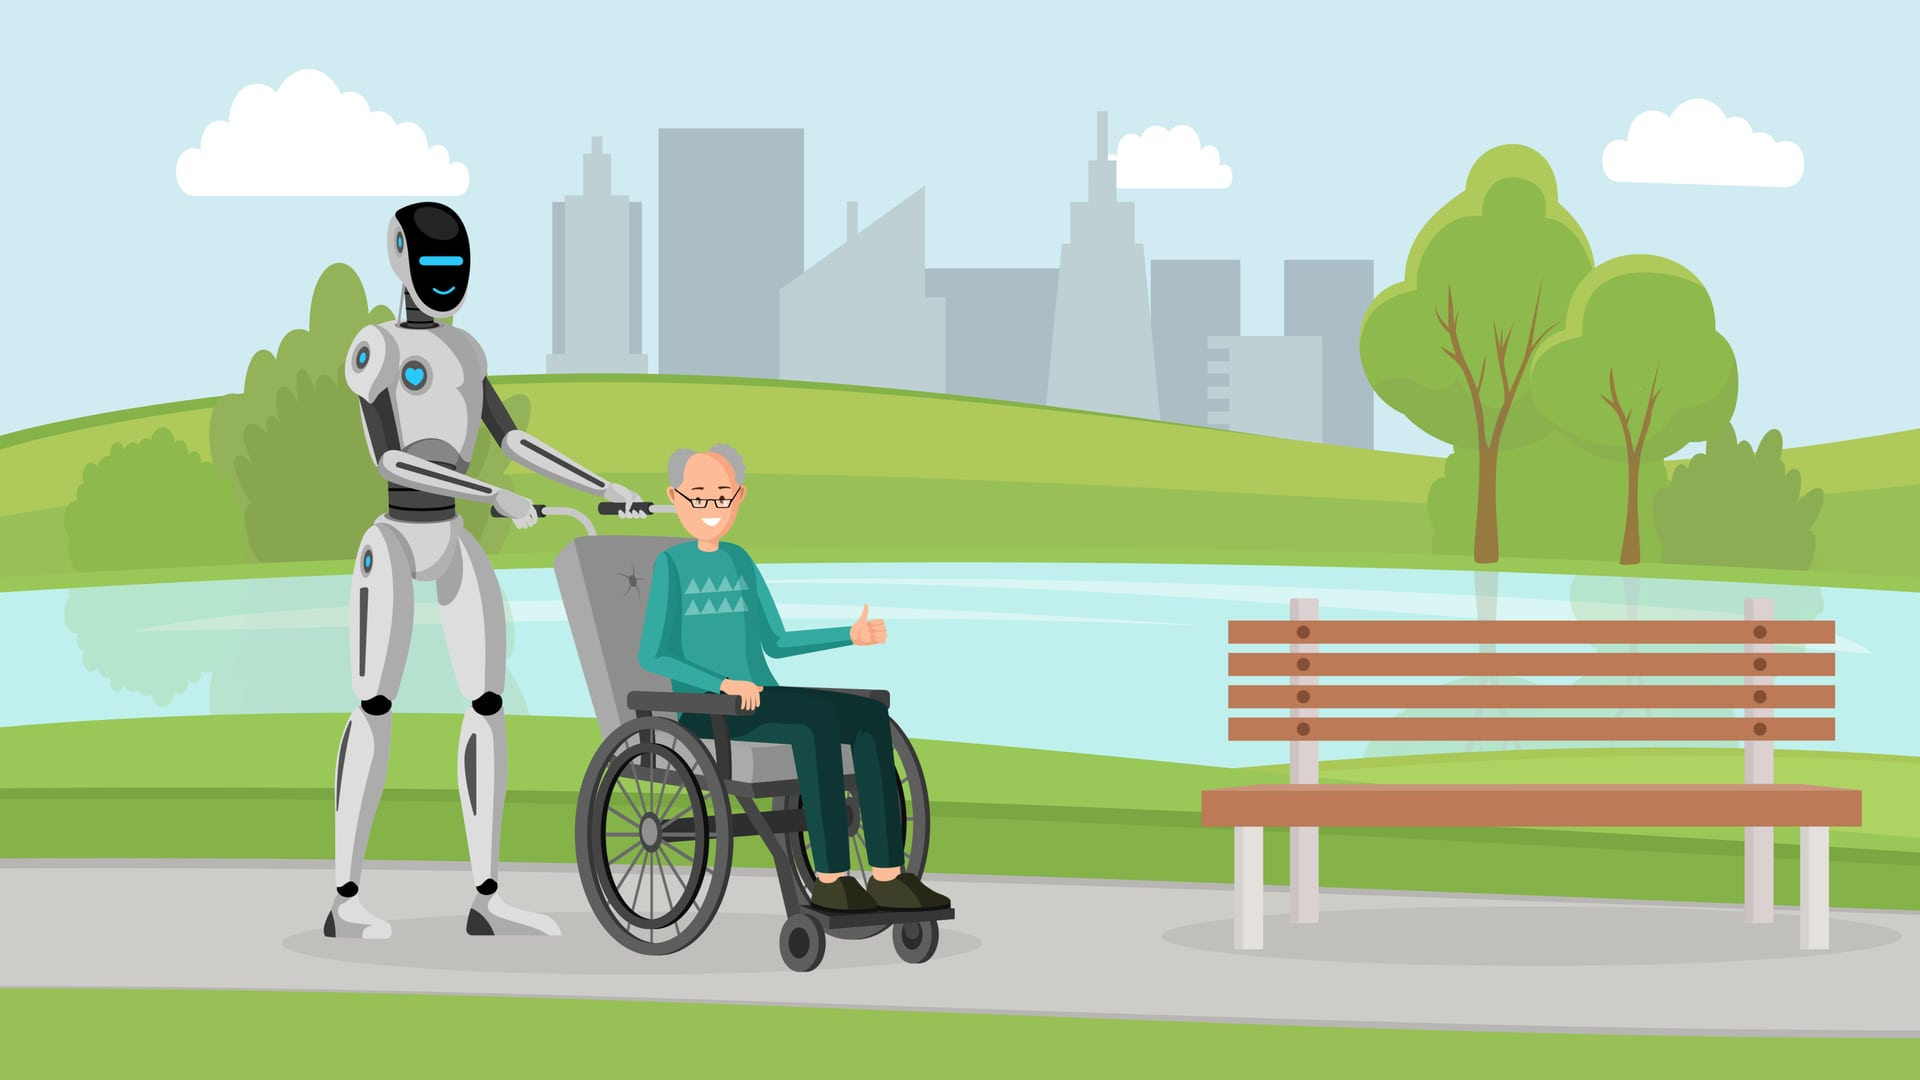 【介護ロボット】種類は6つ!各種導入効果も解説します